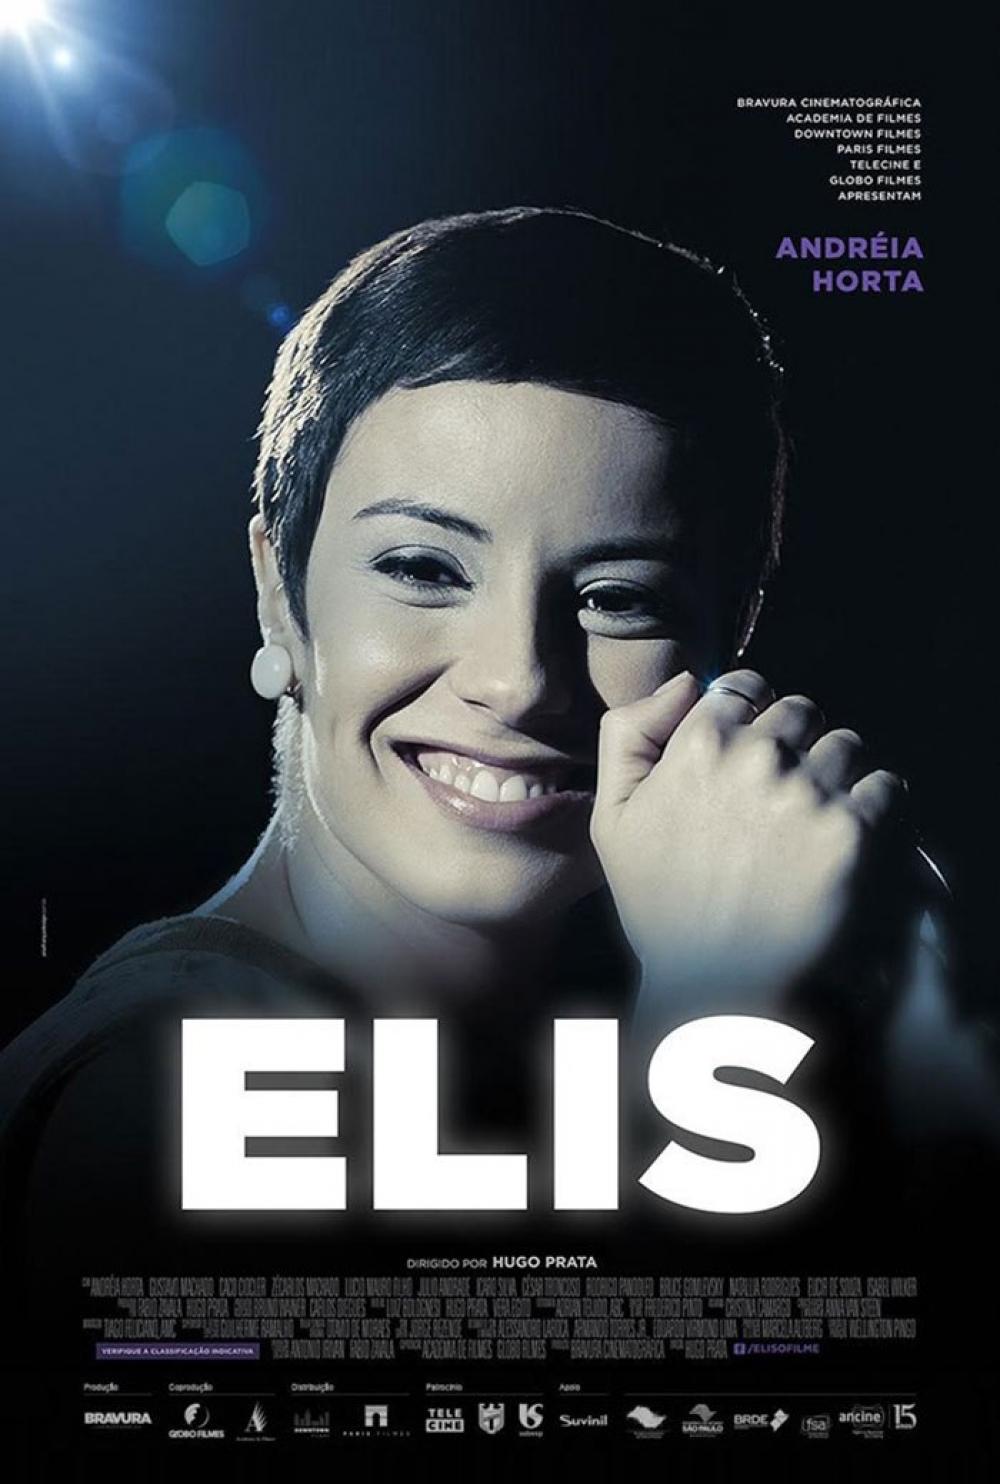 Elis-Cartaz Crítica: Elis